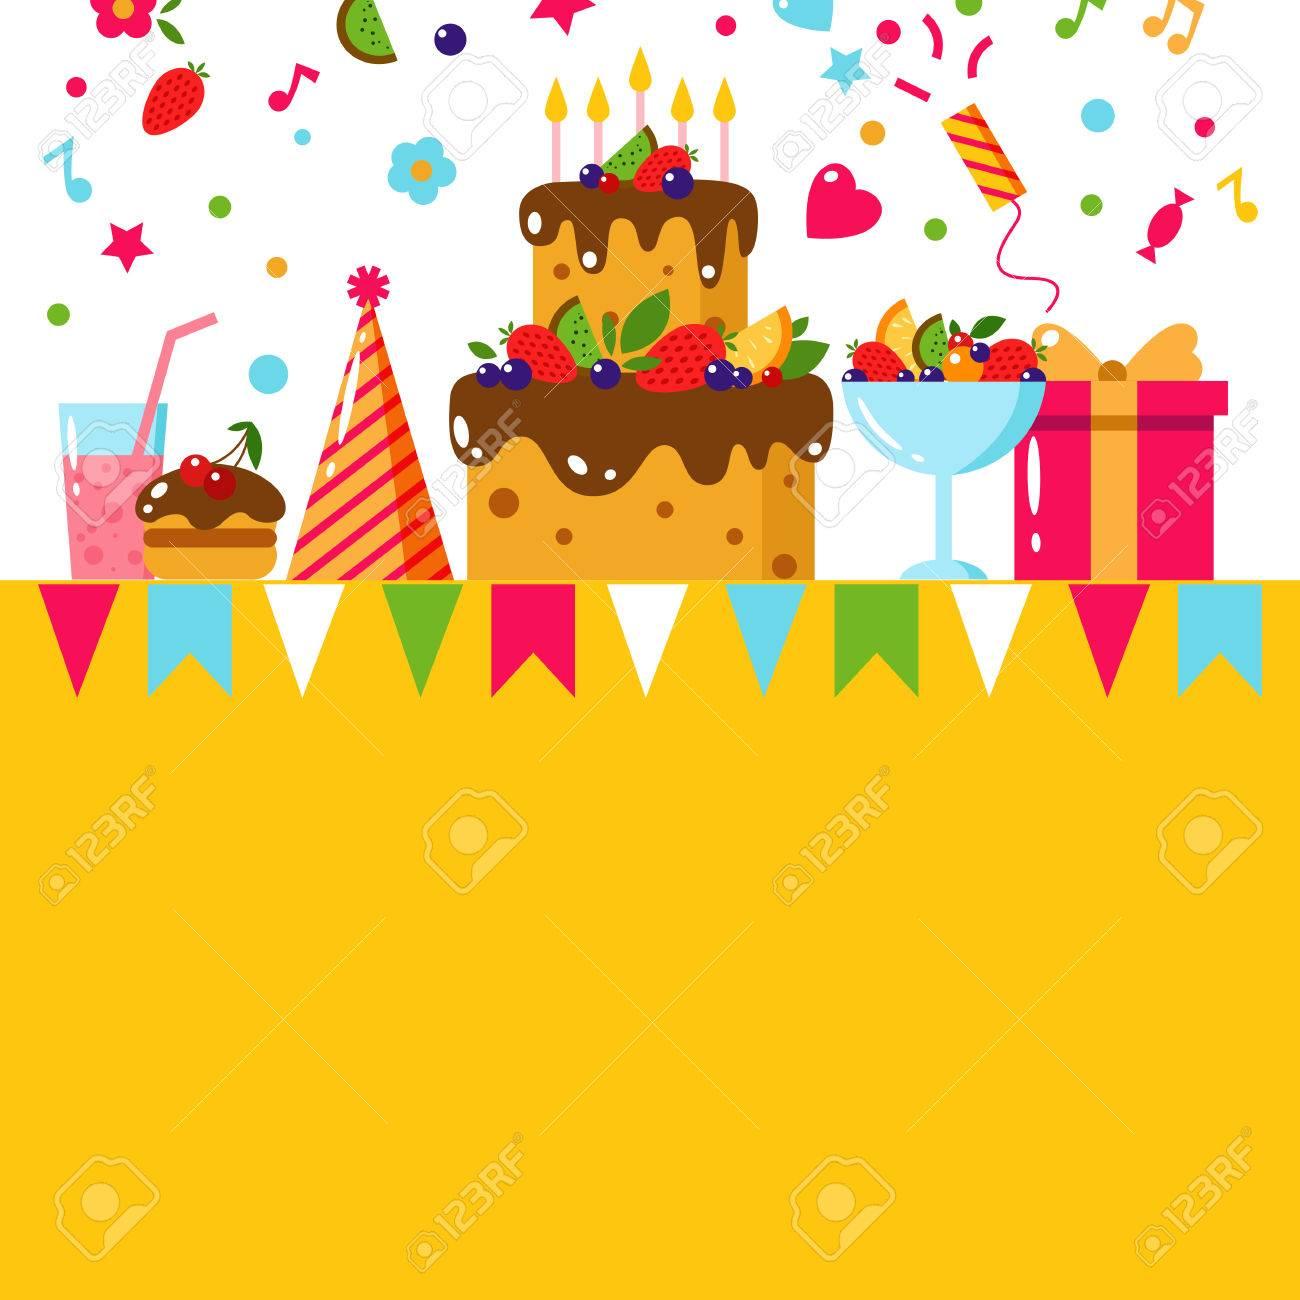 Tarjeta Del Feliz Cumpleaños De La Plantilla. Ilustración Vectorial ...